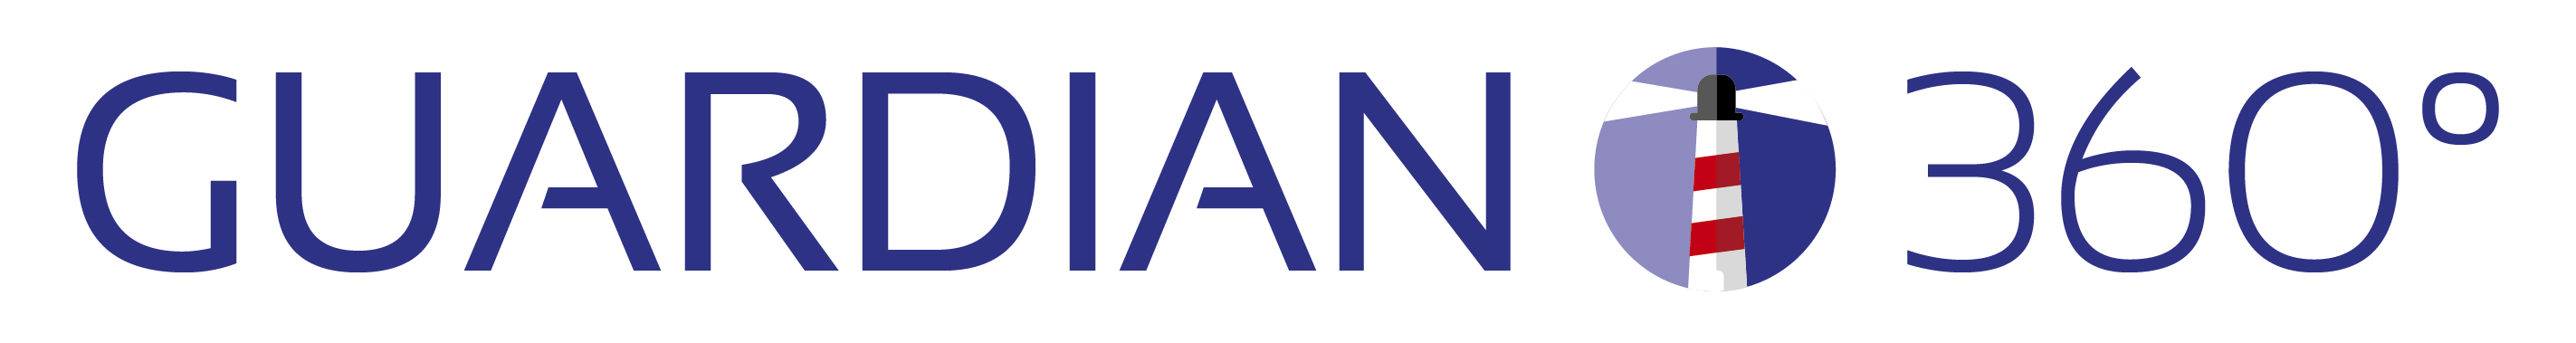 Guardin360 Logo